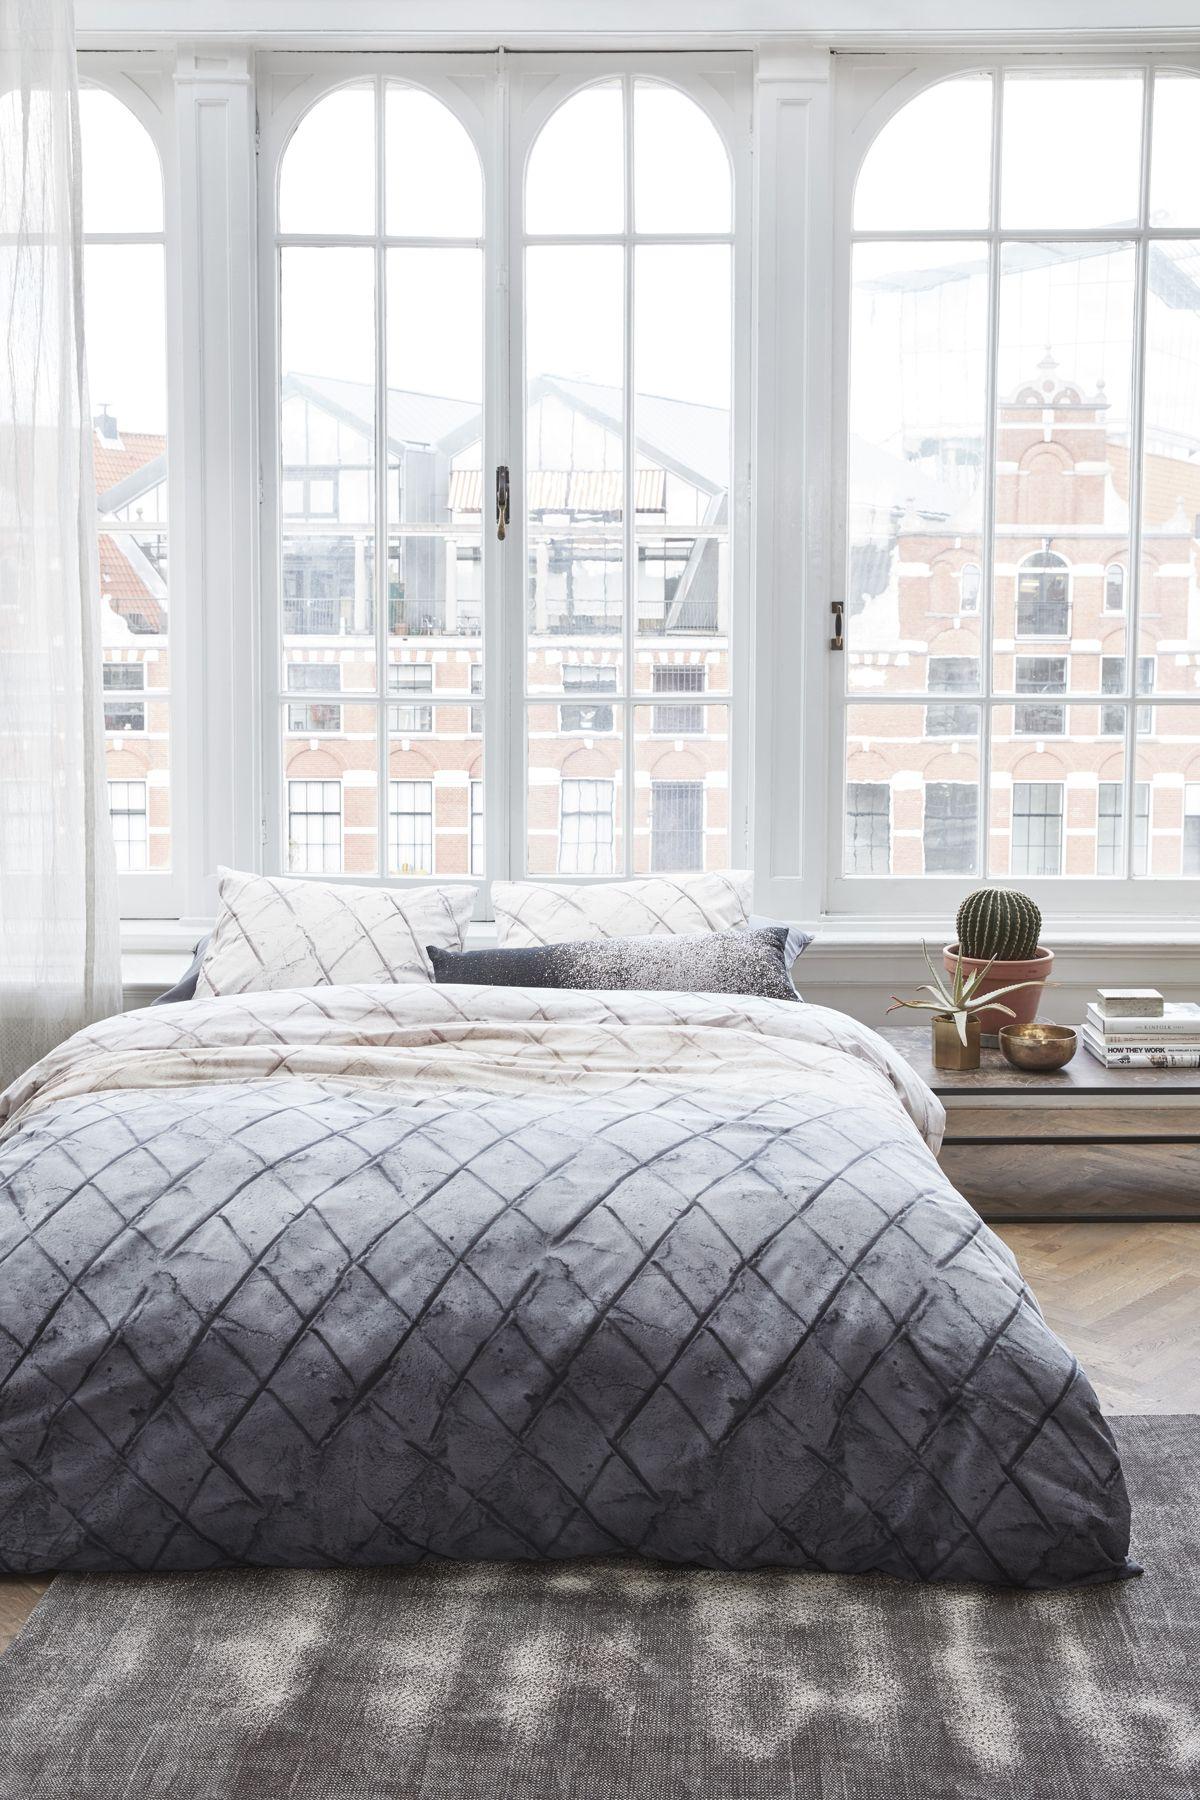 Graues Bettwäsche Set Mit Rauten Muster Passend Zu Einem Modernen  Schlafzimmer. Der Bettbezug